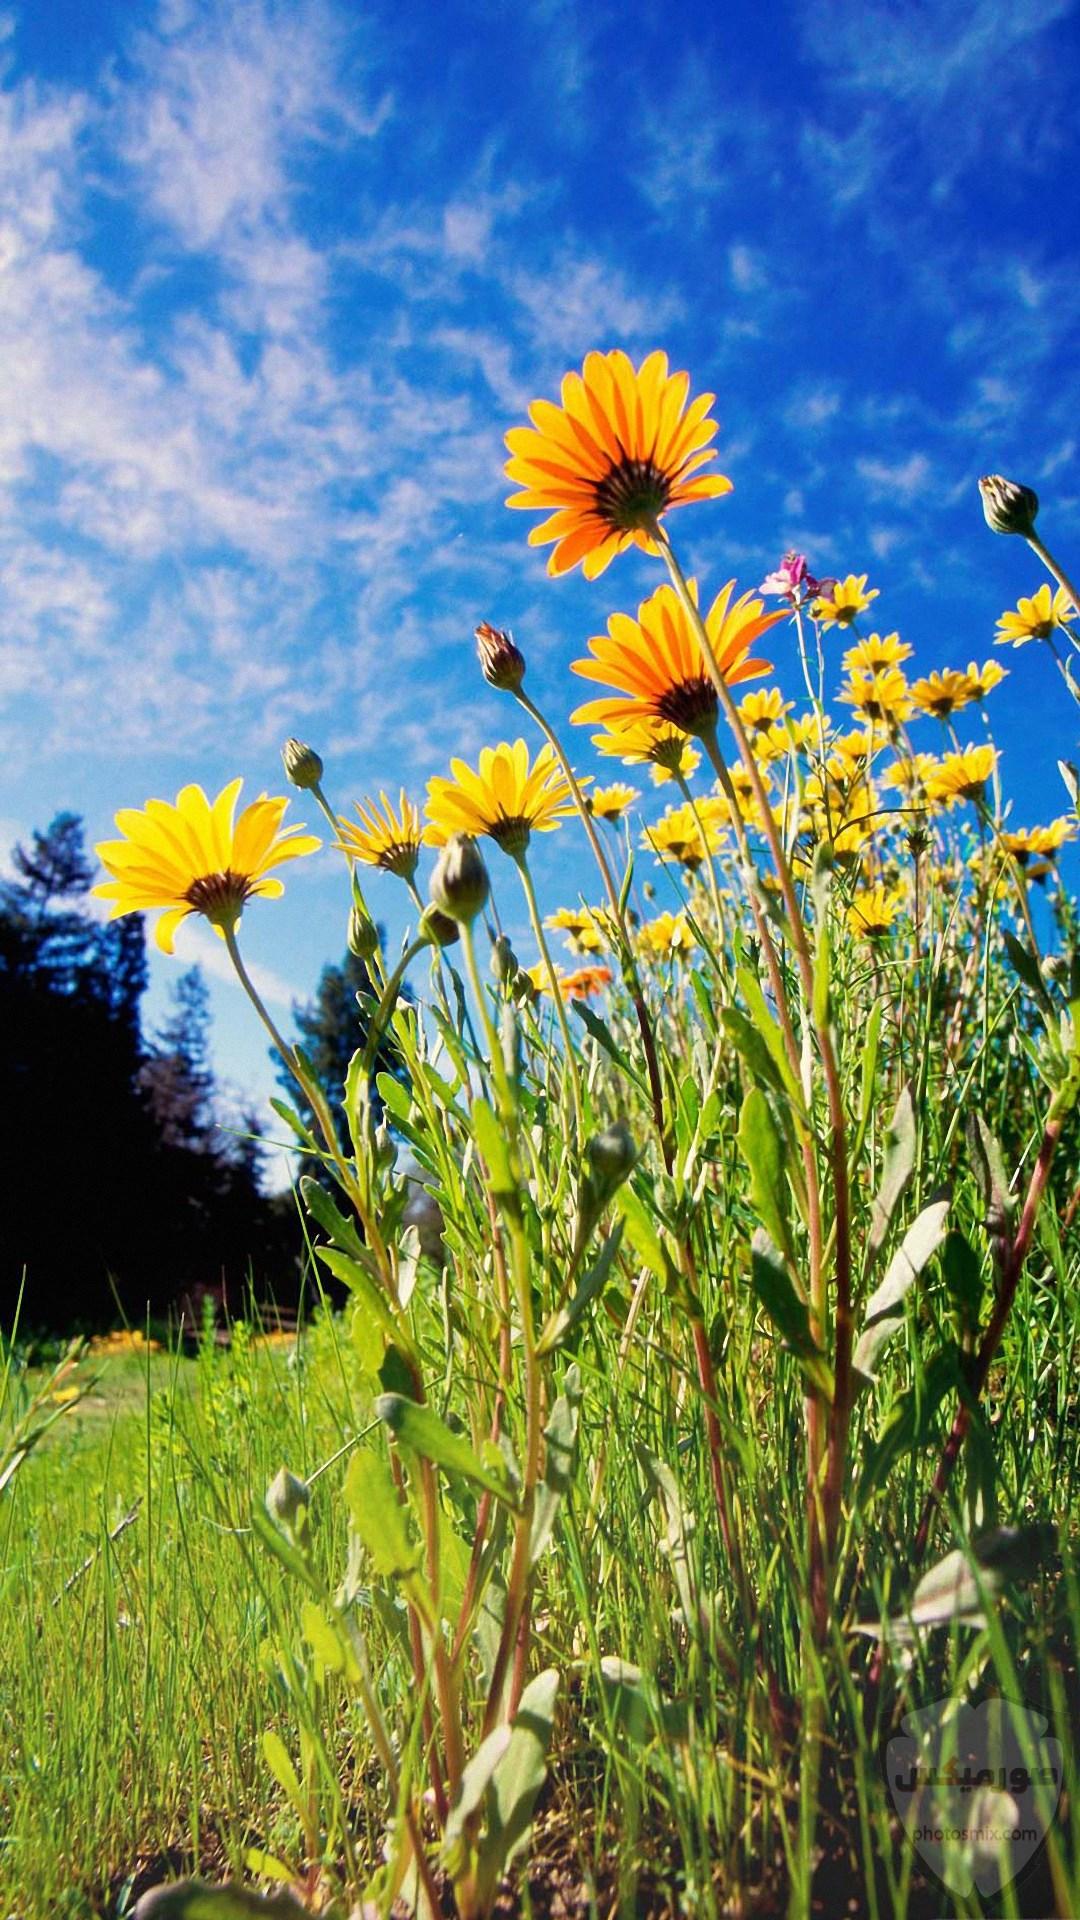 مكونات الطبيعة جمال الطبيعة فوائد الطبيعة صورمن الطبيعة 2